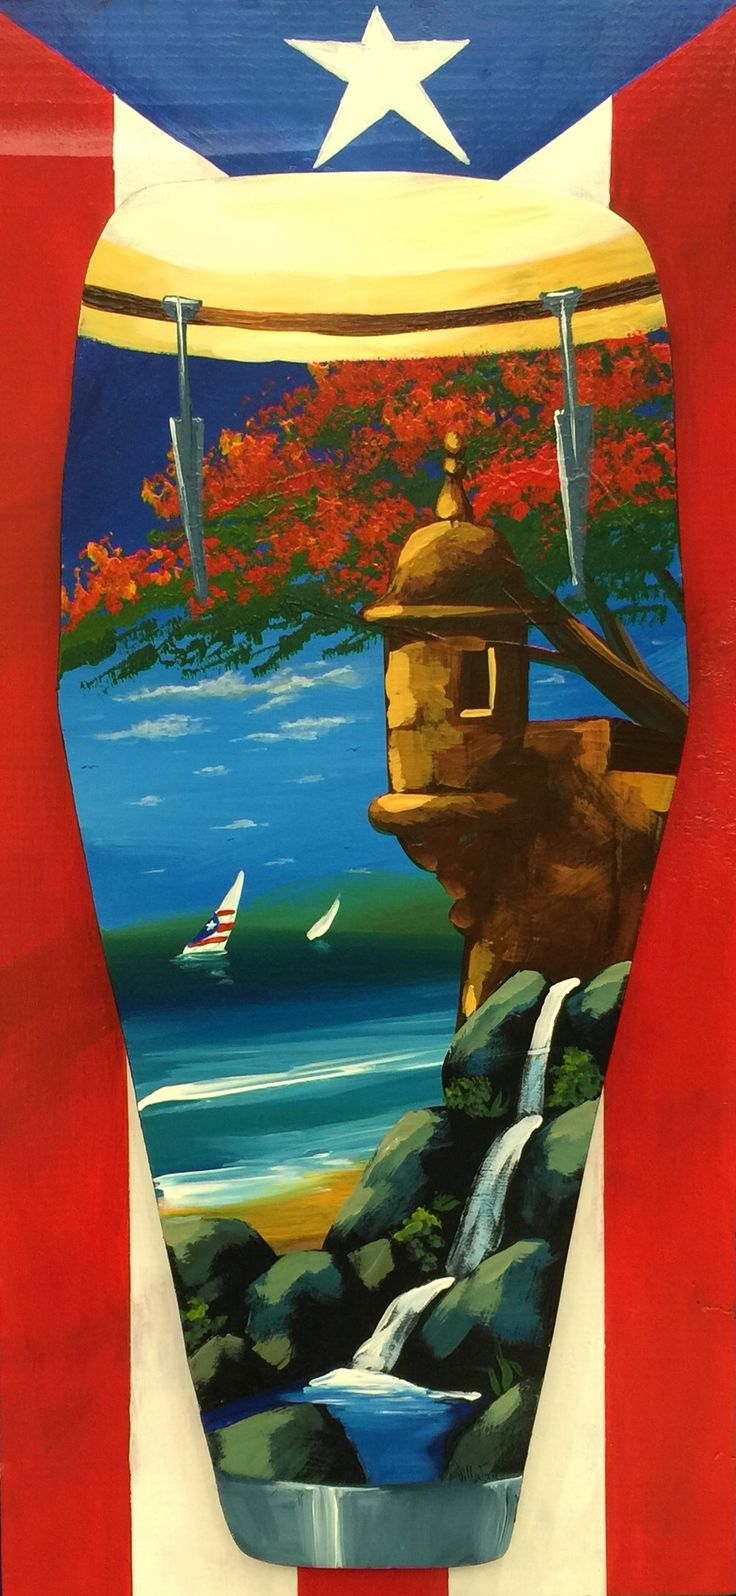 Artesanía de Puerto Rico, garita y flamboyán al óleo sobre conga y bandera puertorriqueña en madera.